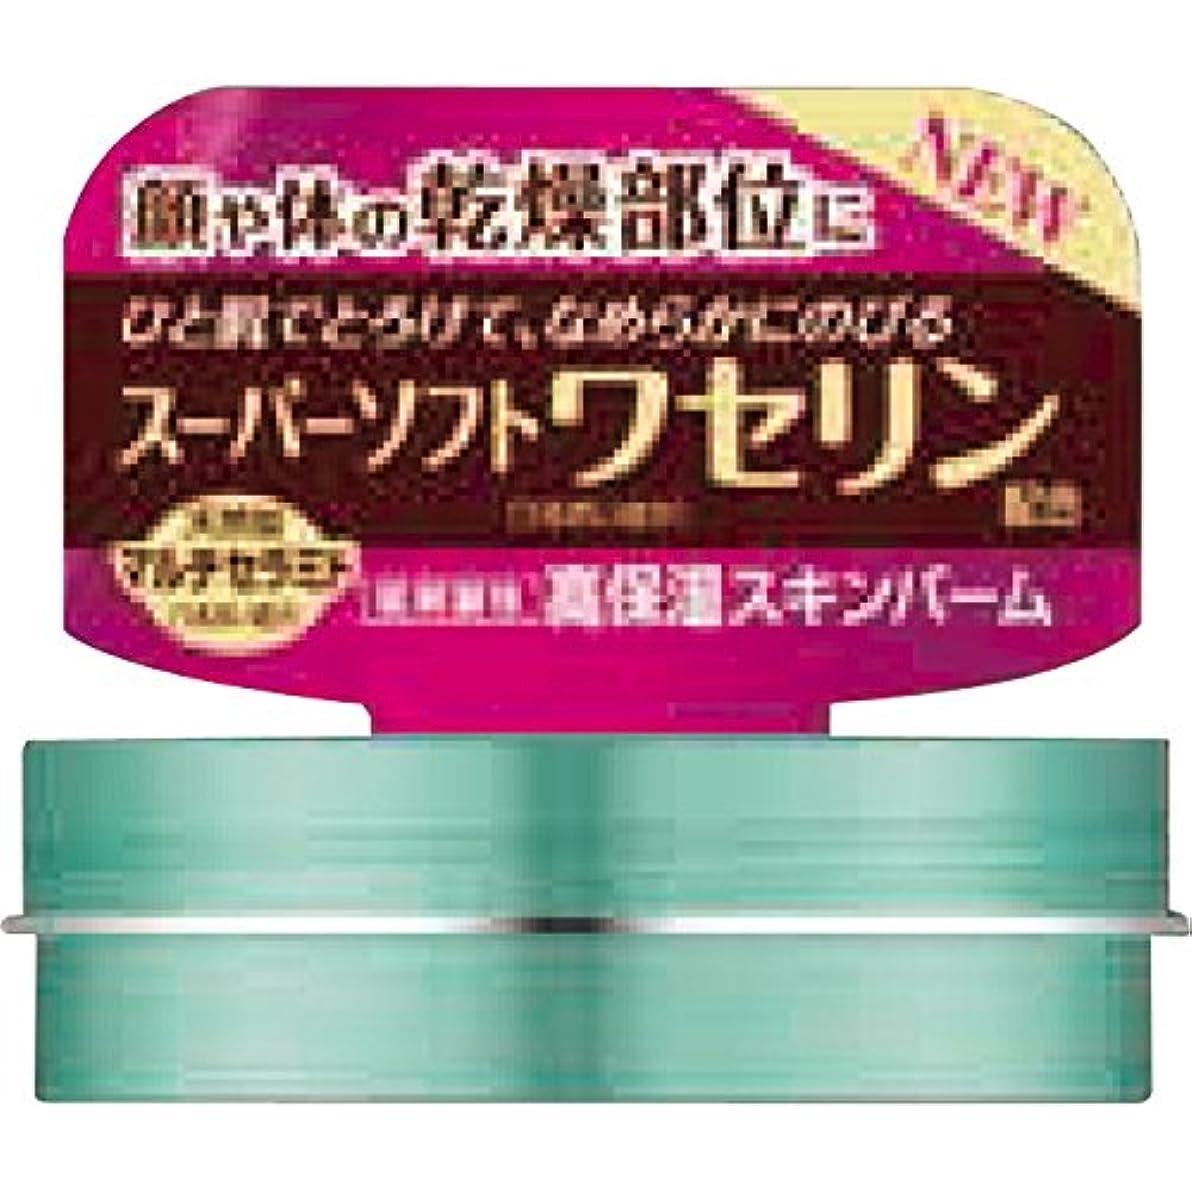 最後の純粋な演劇ロート製薬 ケアセラ 天然型セラミド7種配合 高保湿スキンバーム ピュアフローラルの香り 40g